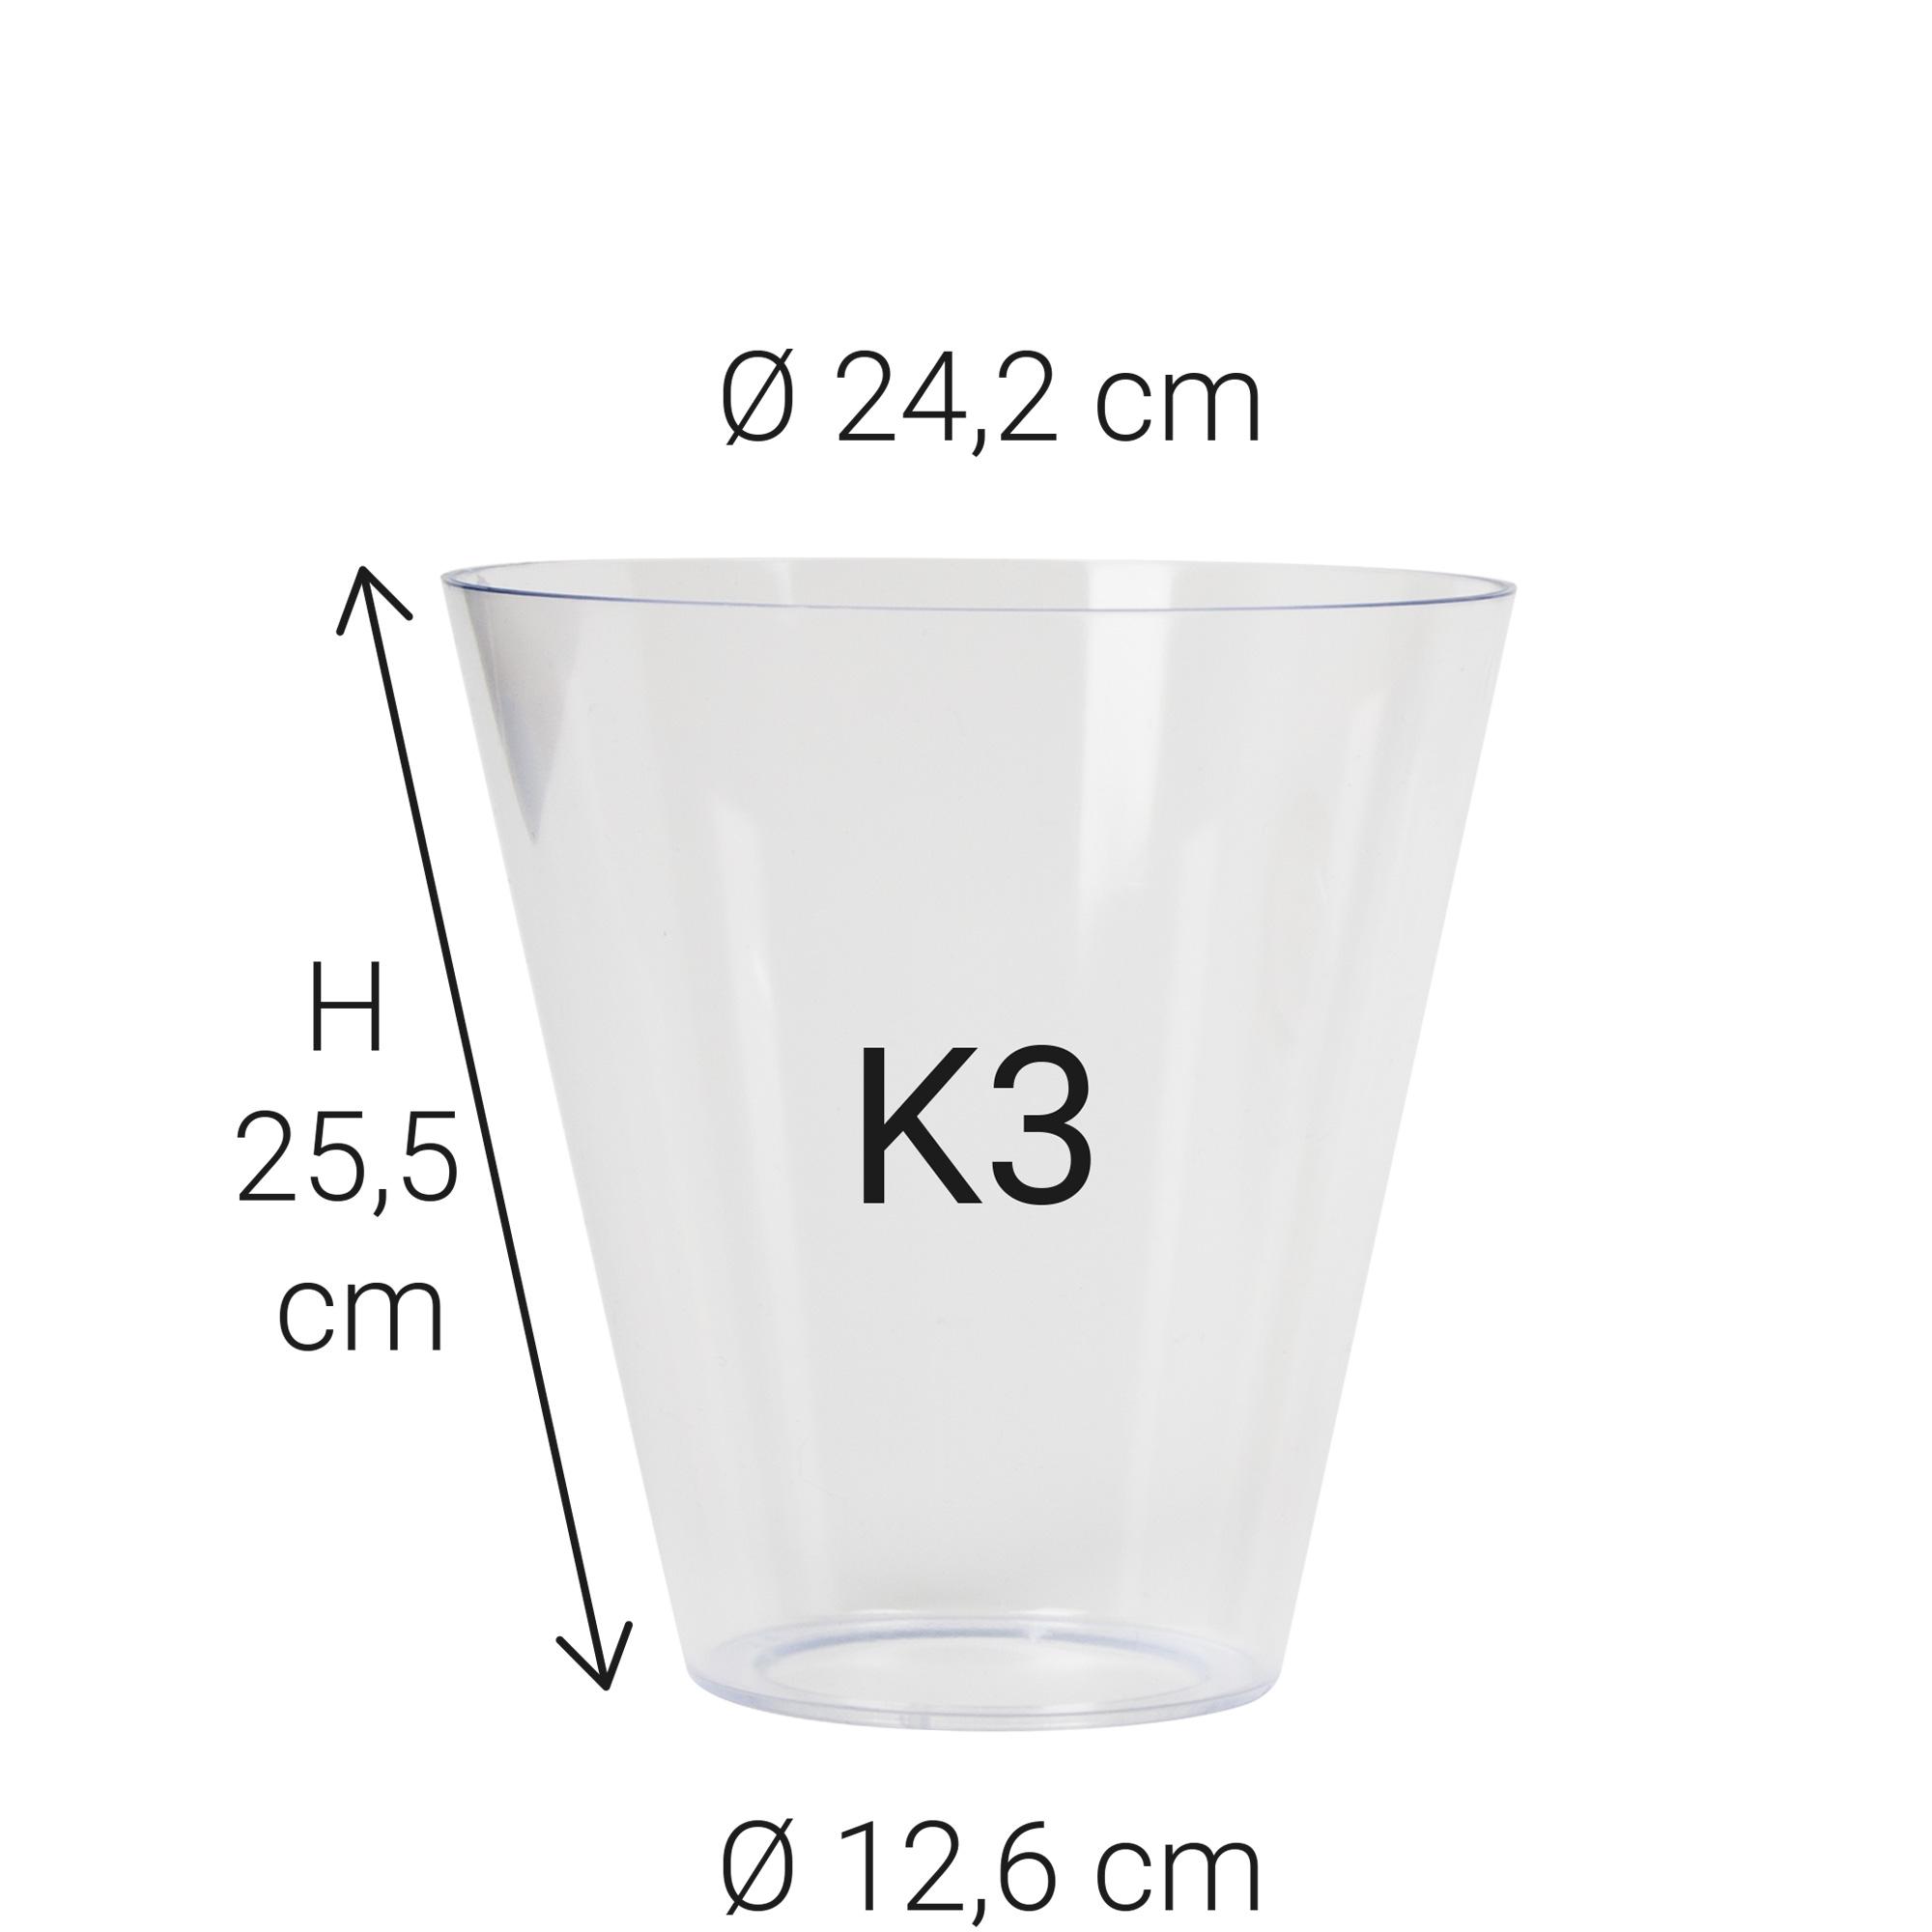 Echt Glas K3